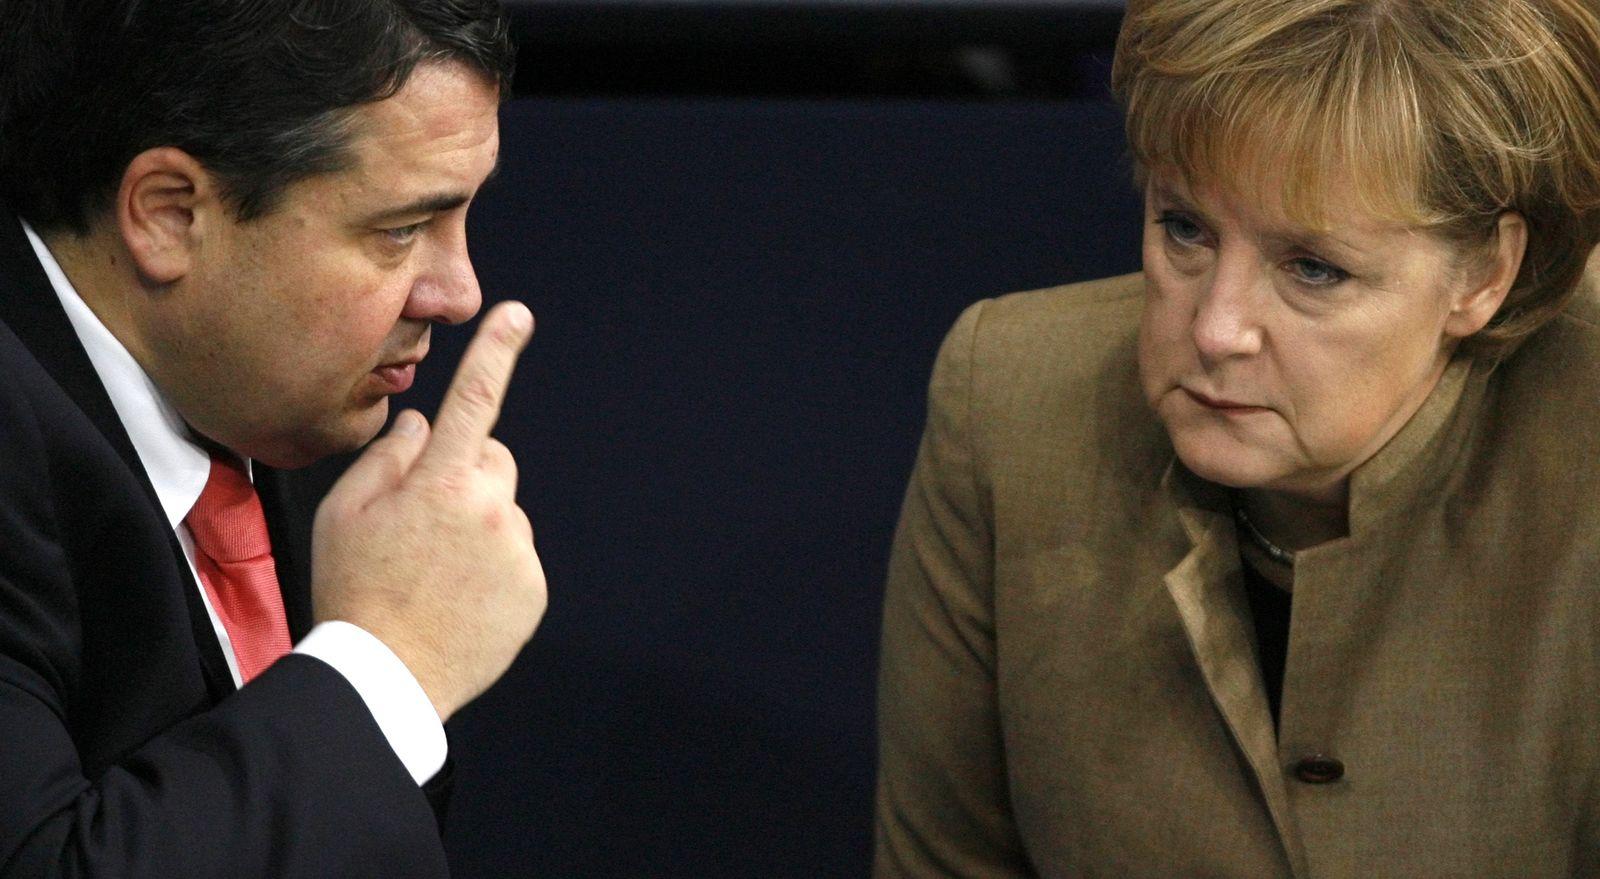 Angela Merkel / Sigmar Gabriel